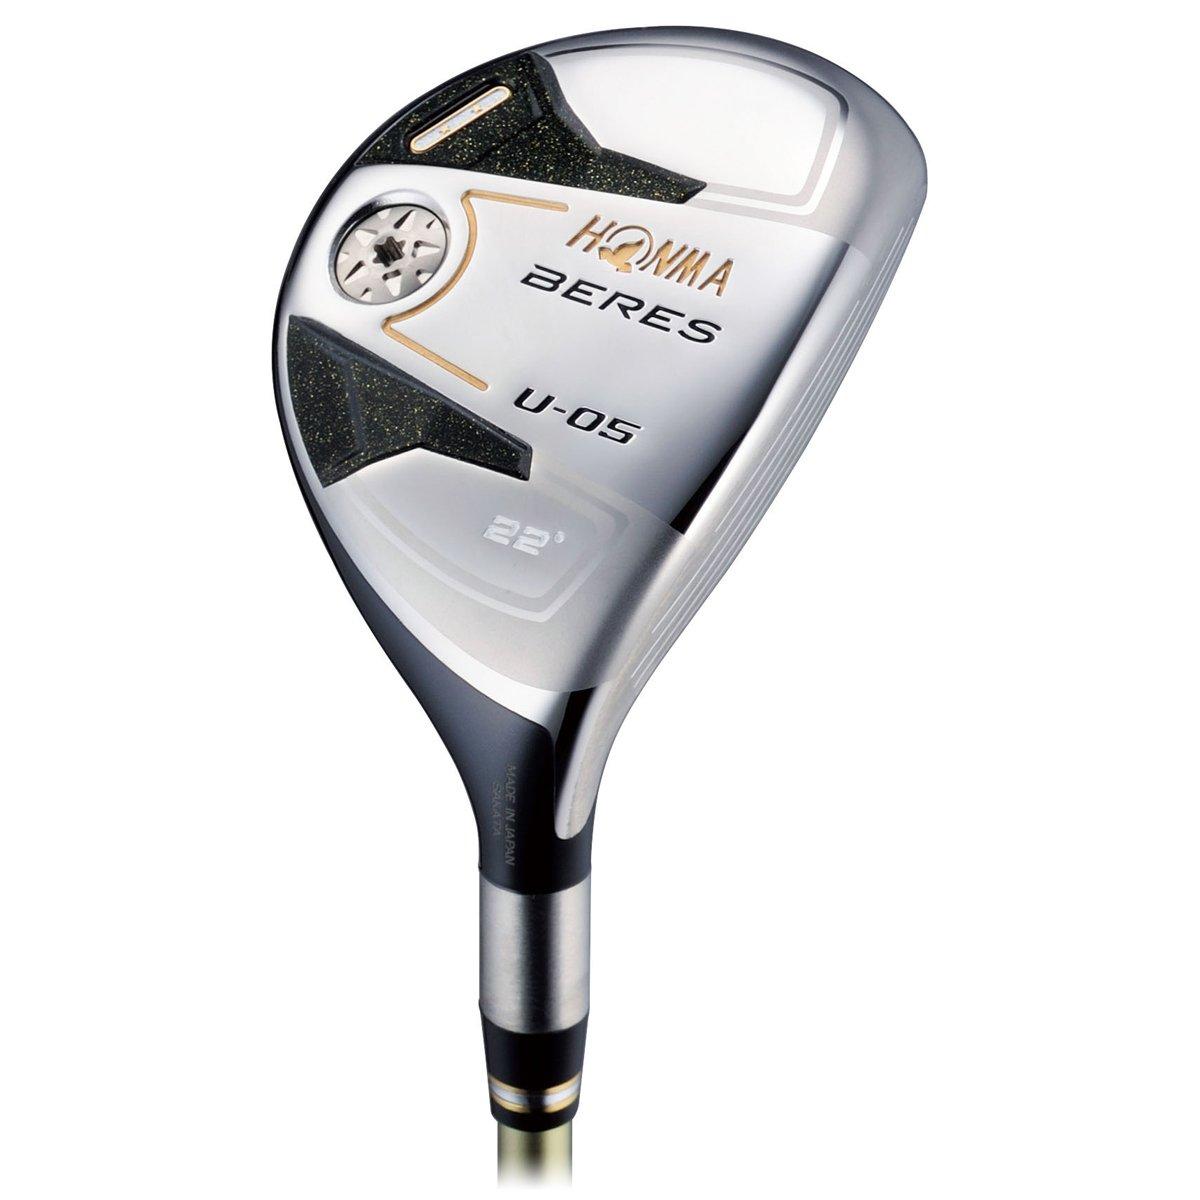 本間ゴルフ ユーティリティ BERES ベレス U-05 ユーティリティ U28(28度) 2Sグレード ARMRQ∞ 48シャフト フレックス:R U-05S28 右 ロフト角:28度 番手:U28